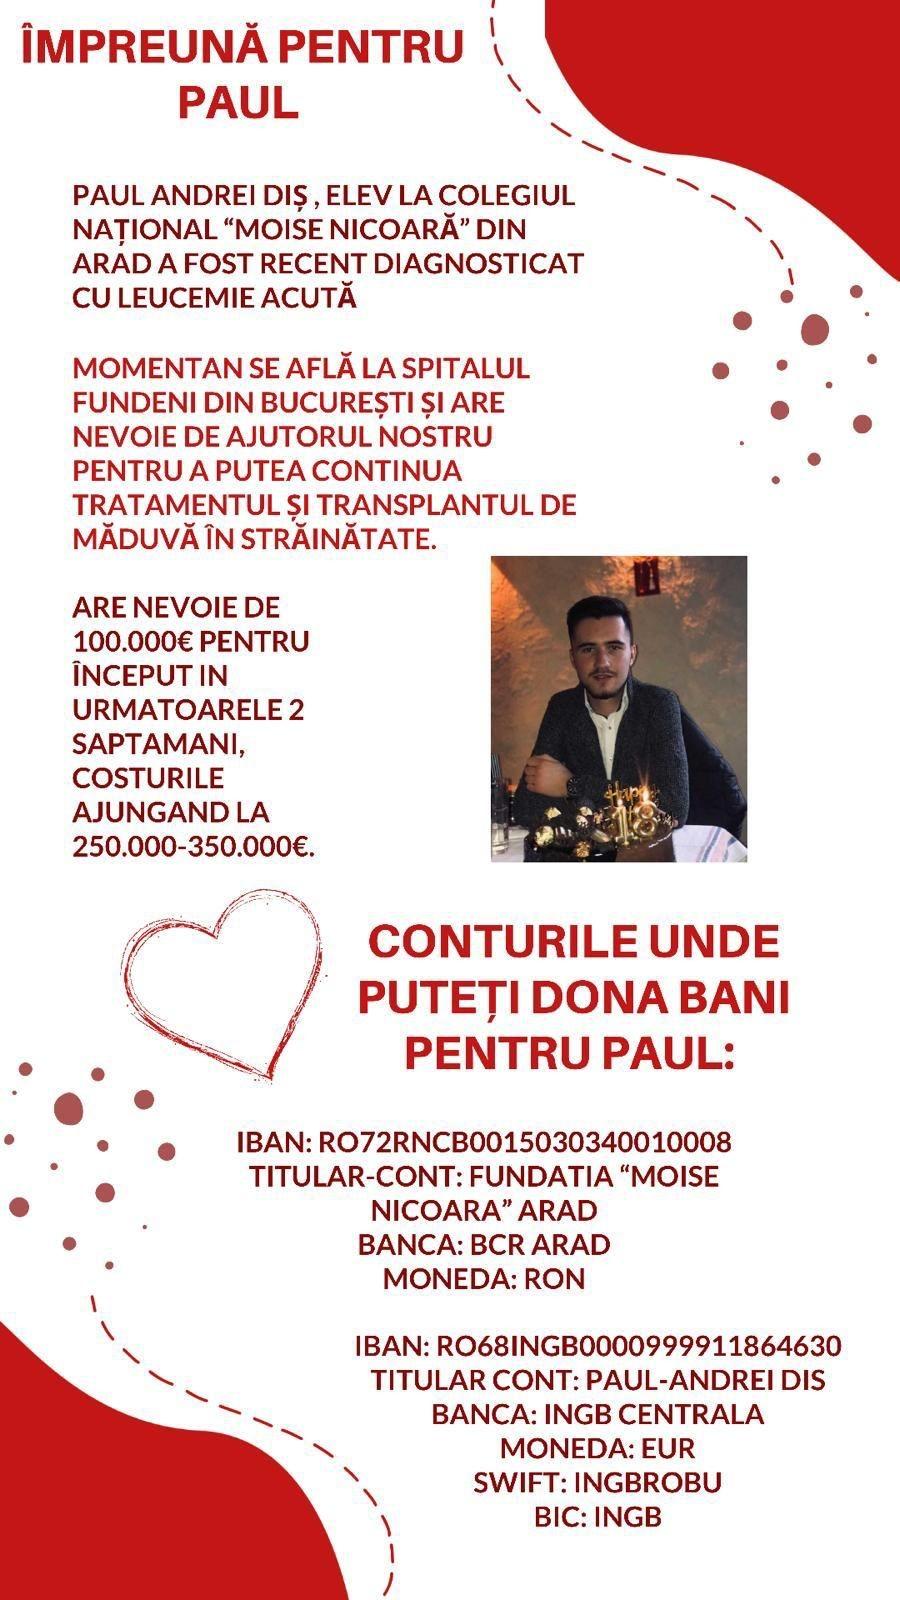 Impreuna pentru Paul